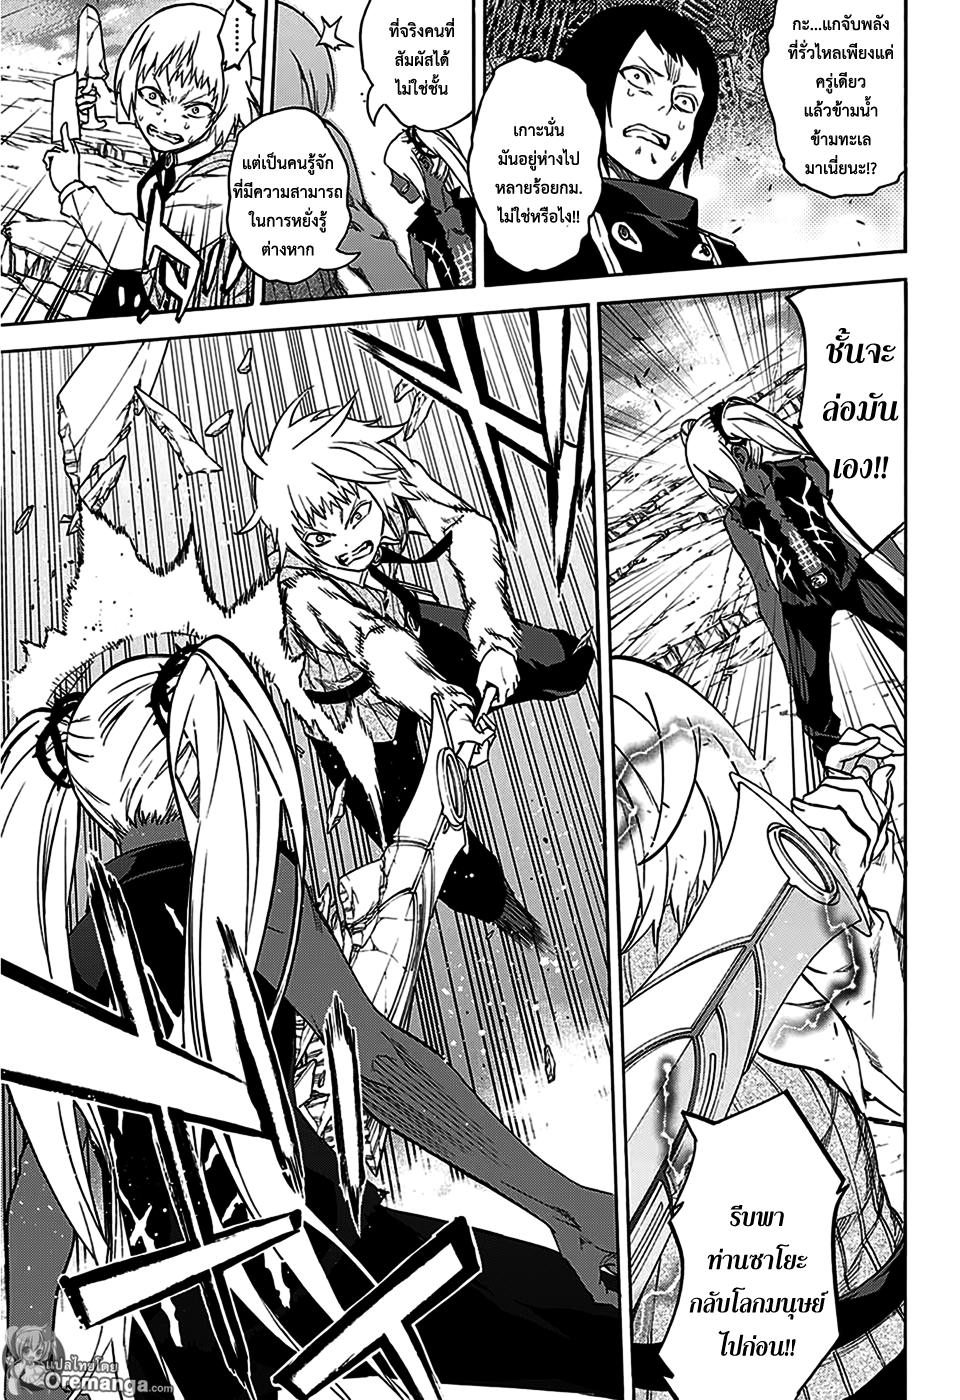 อ่านการ์ตูน Sousei no Onmyouji ตอนที่ 23 หน้าที่ 27